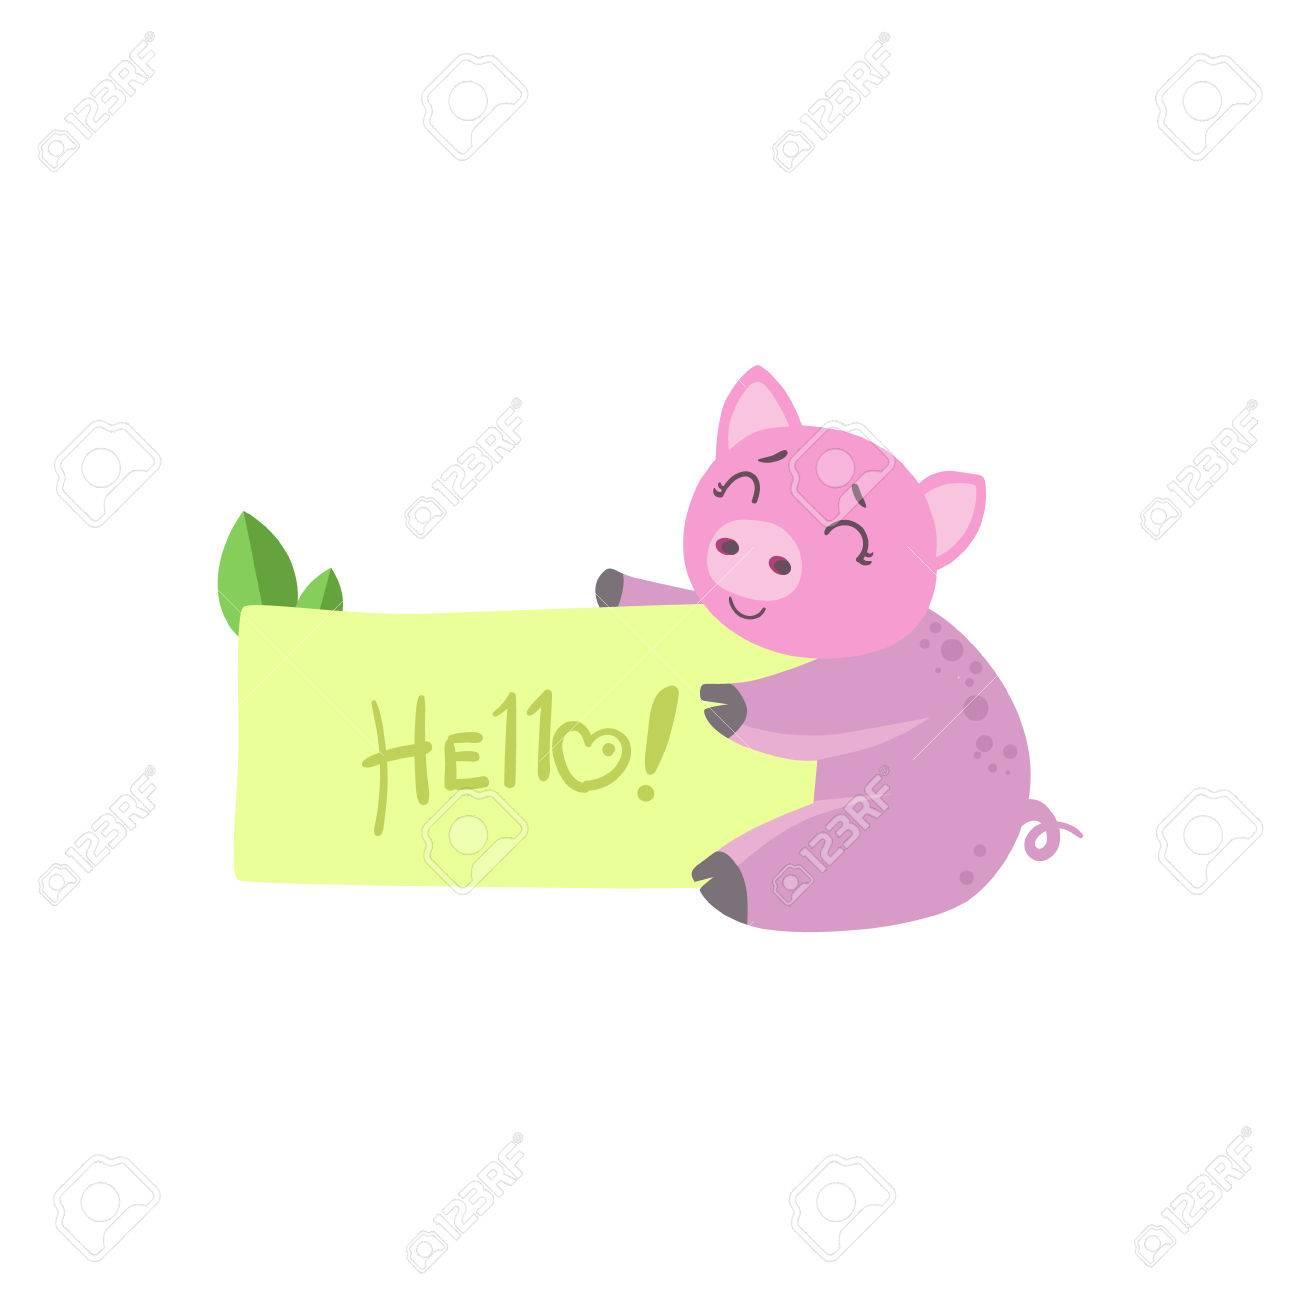 Cerdo Con La Plantilla Para El Mensaje Ilustración Infantil Colorido ...